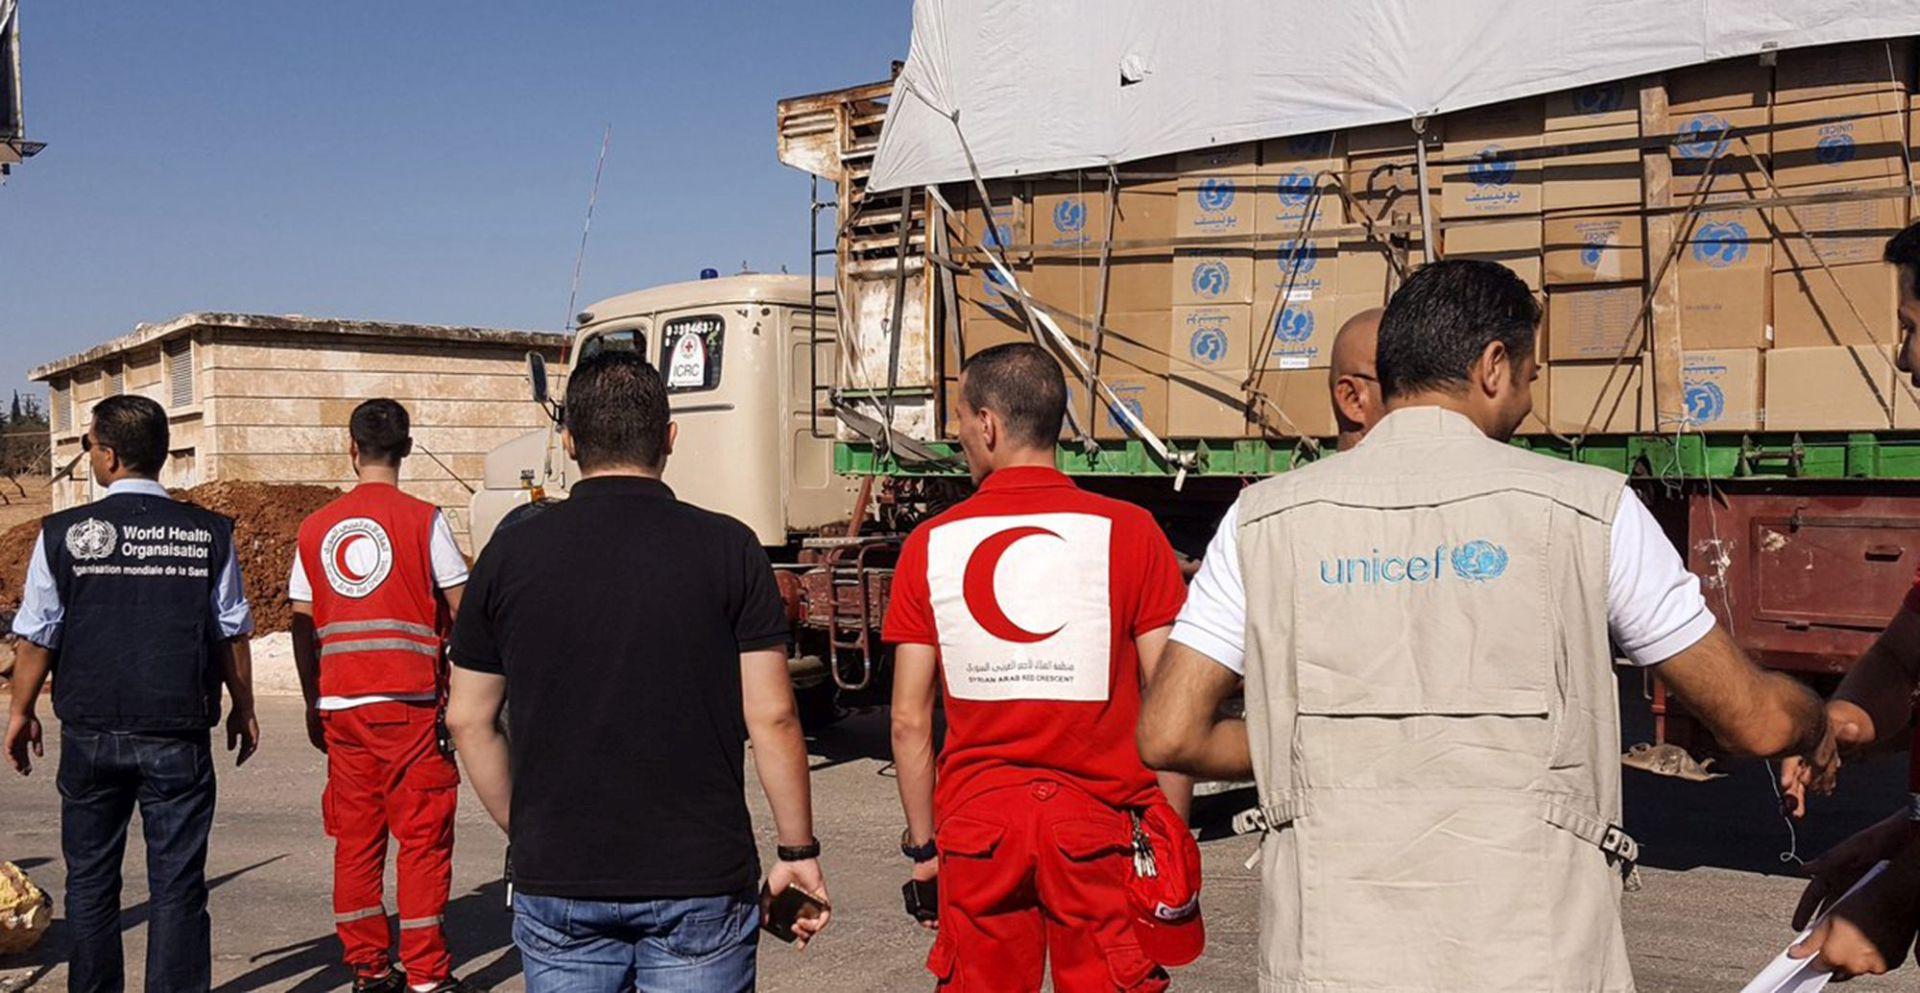 RUSKO MINISTARSTVO OBRANE: Humanitarni konvoj u Siriji se zapalio